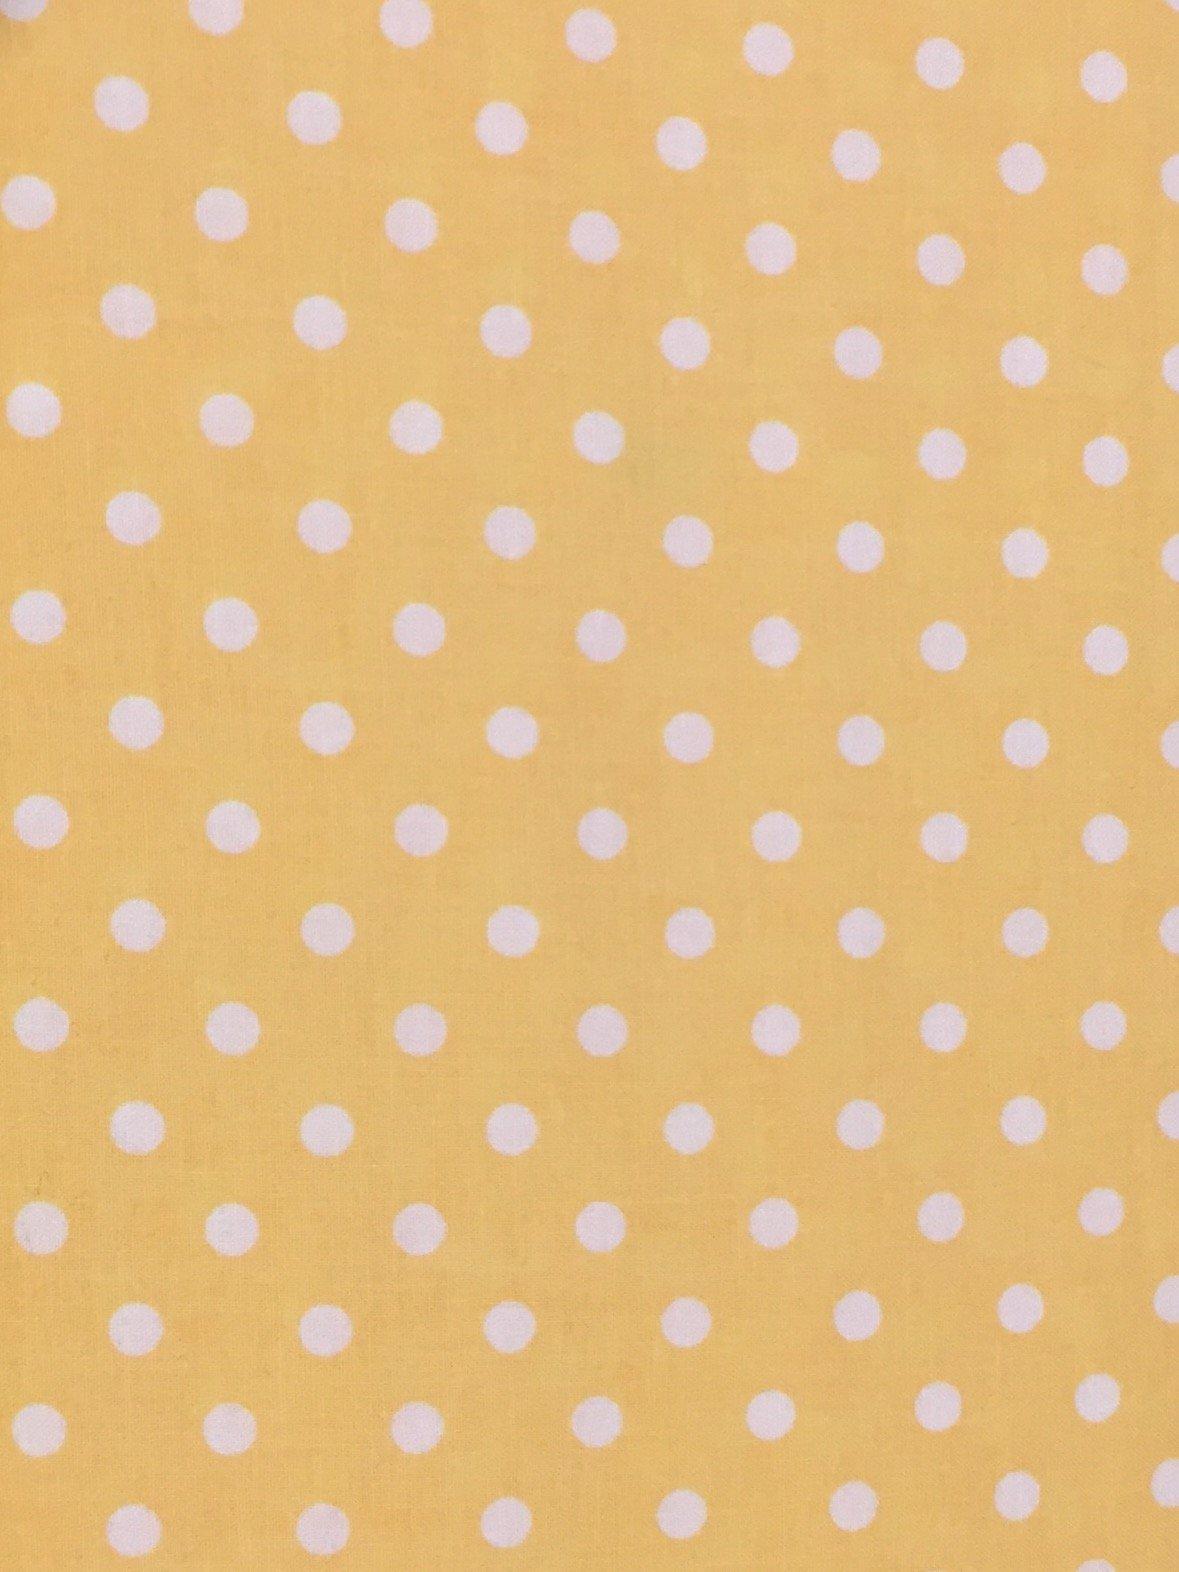 Yuwa - Basic - Spot - Pale Yellow/White